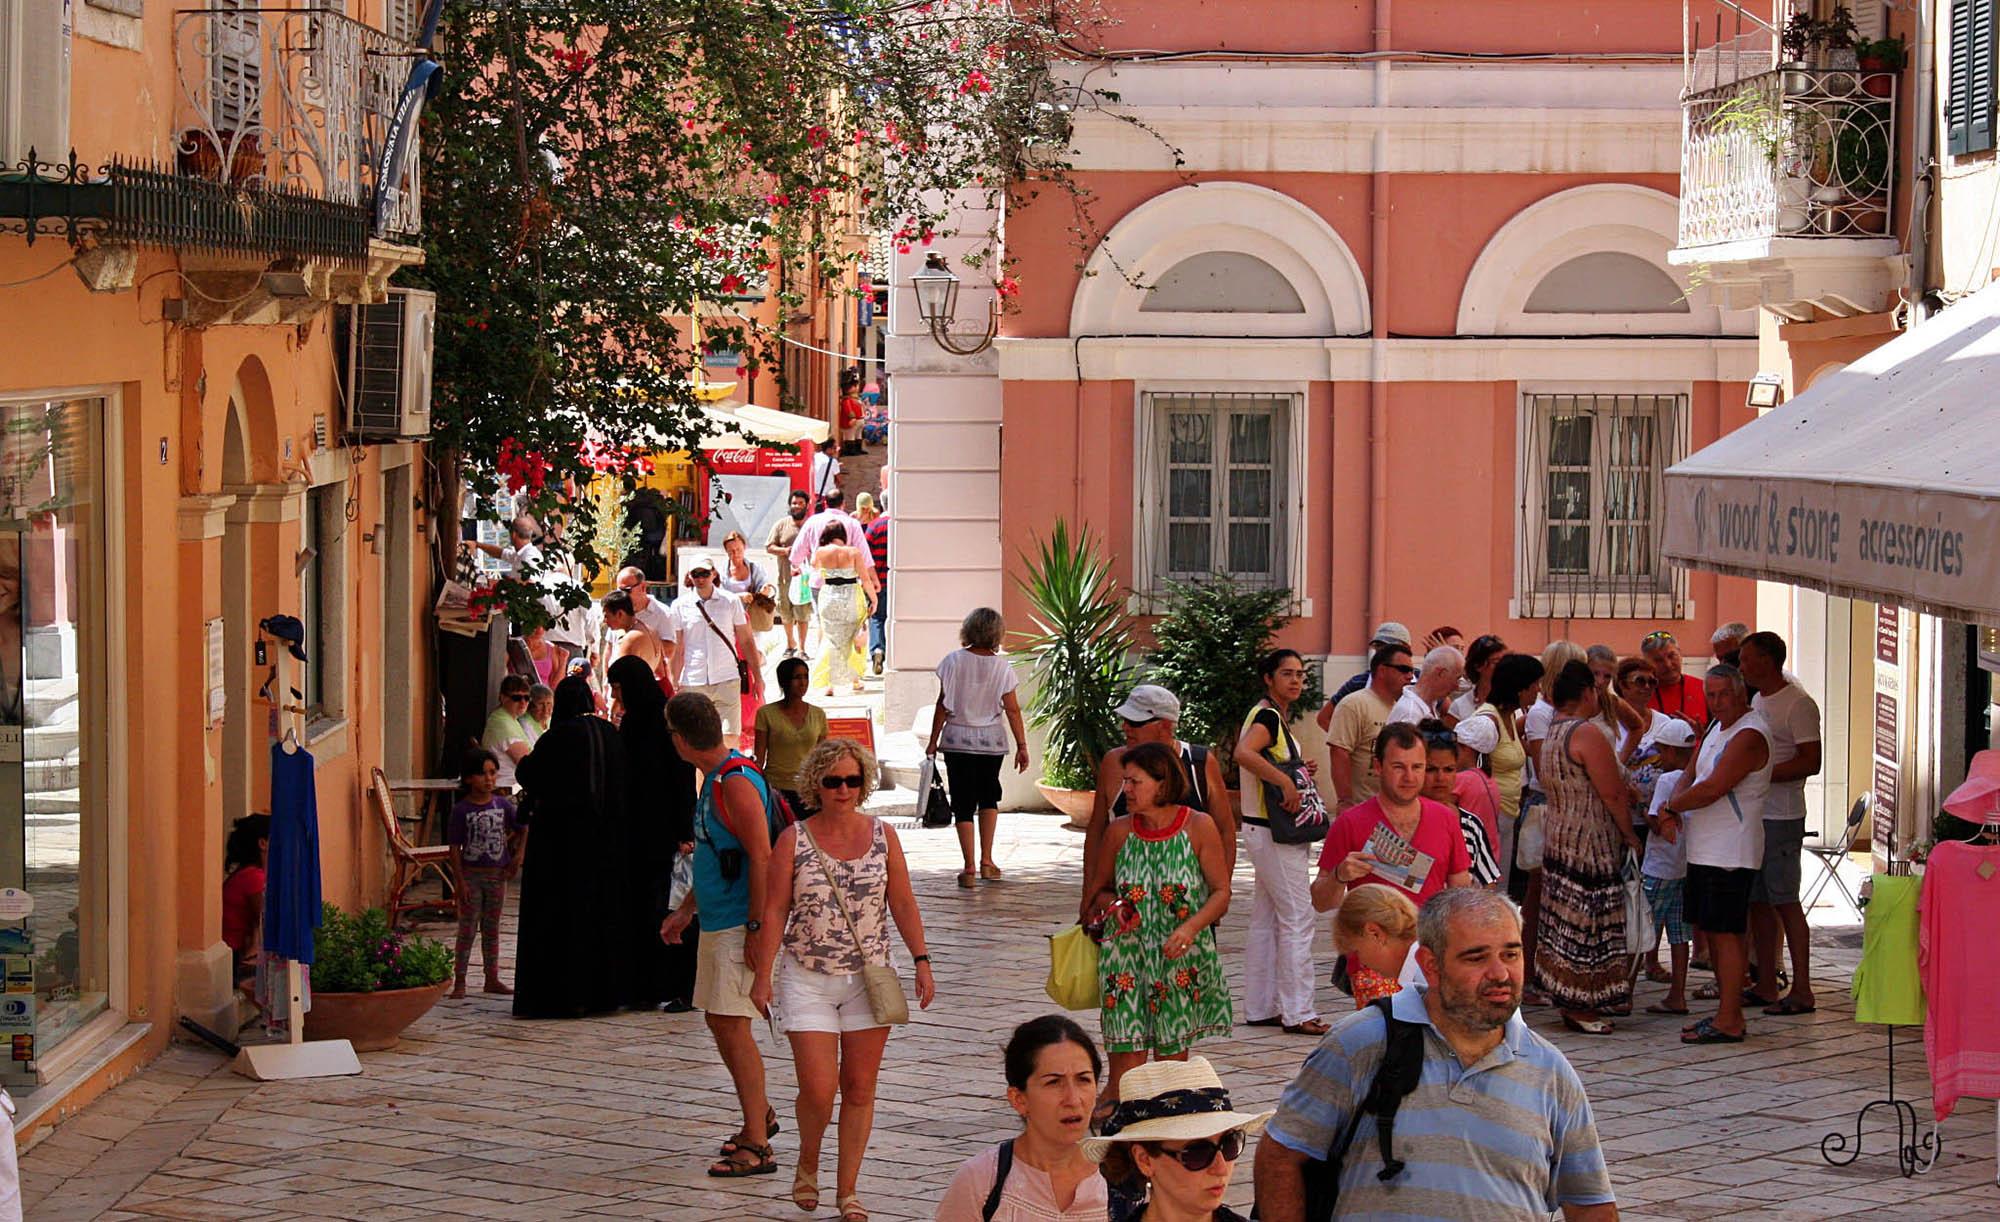 Guide me in Greece tours - Corfu private tour